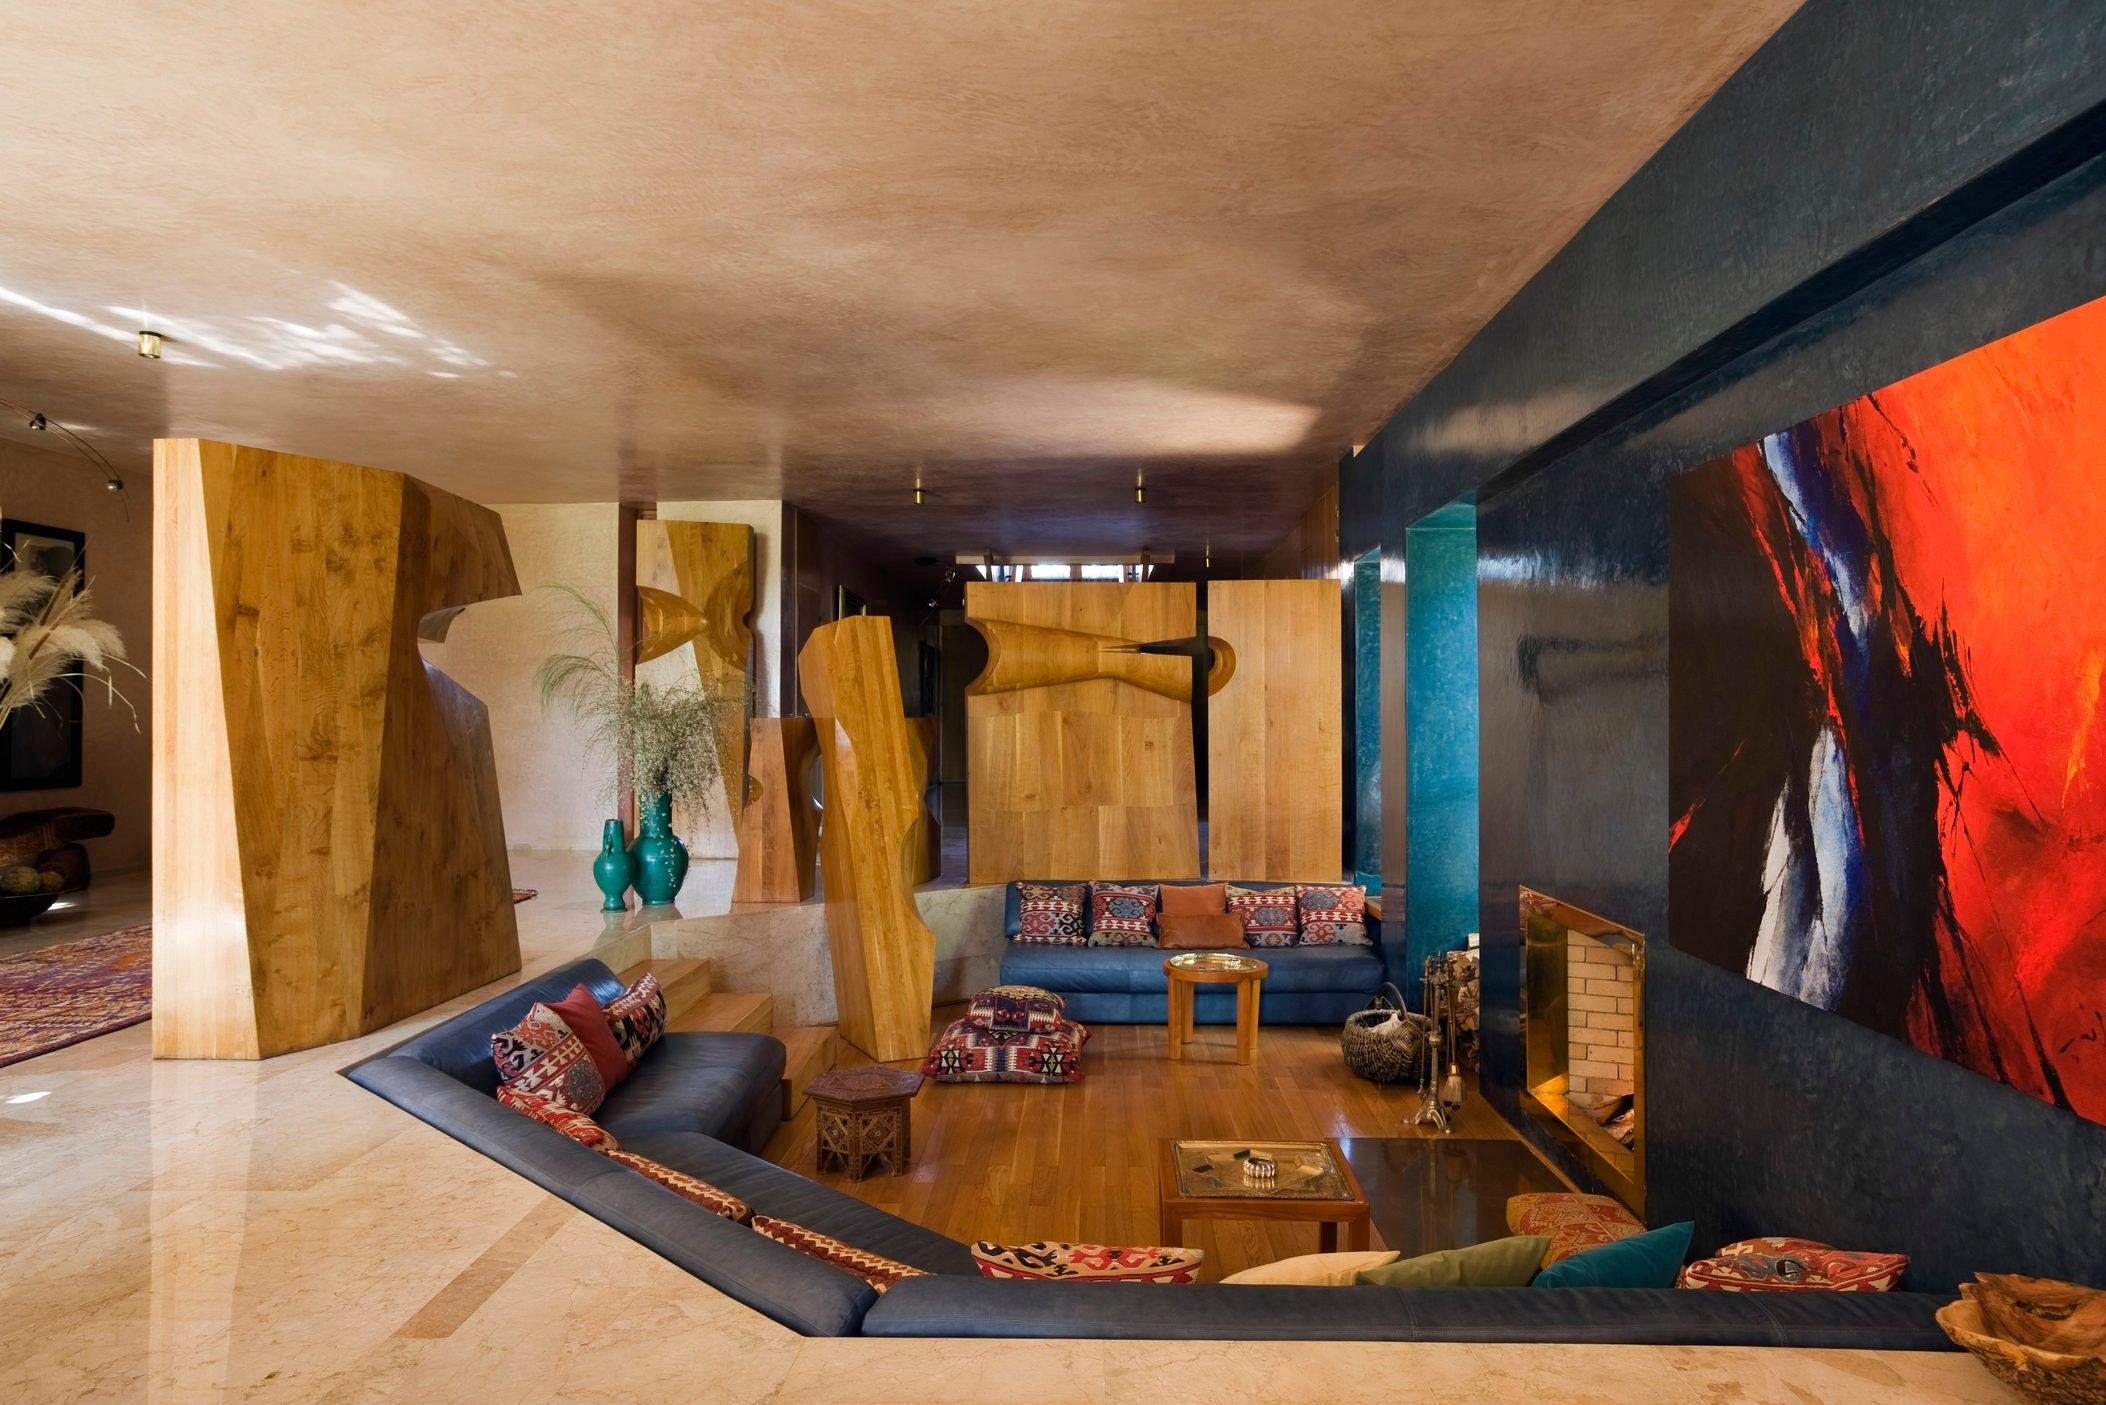 Zniber house in Morocco built by Jean-Francois Zevaco